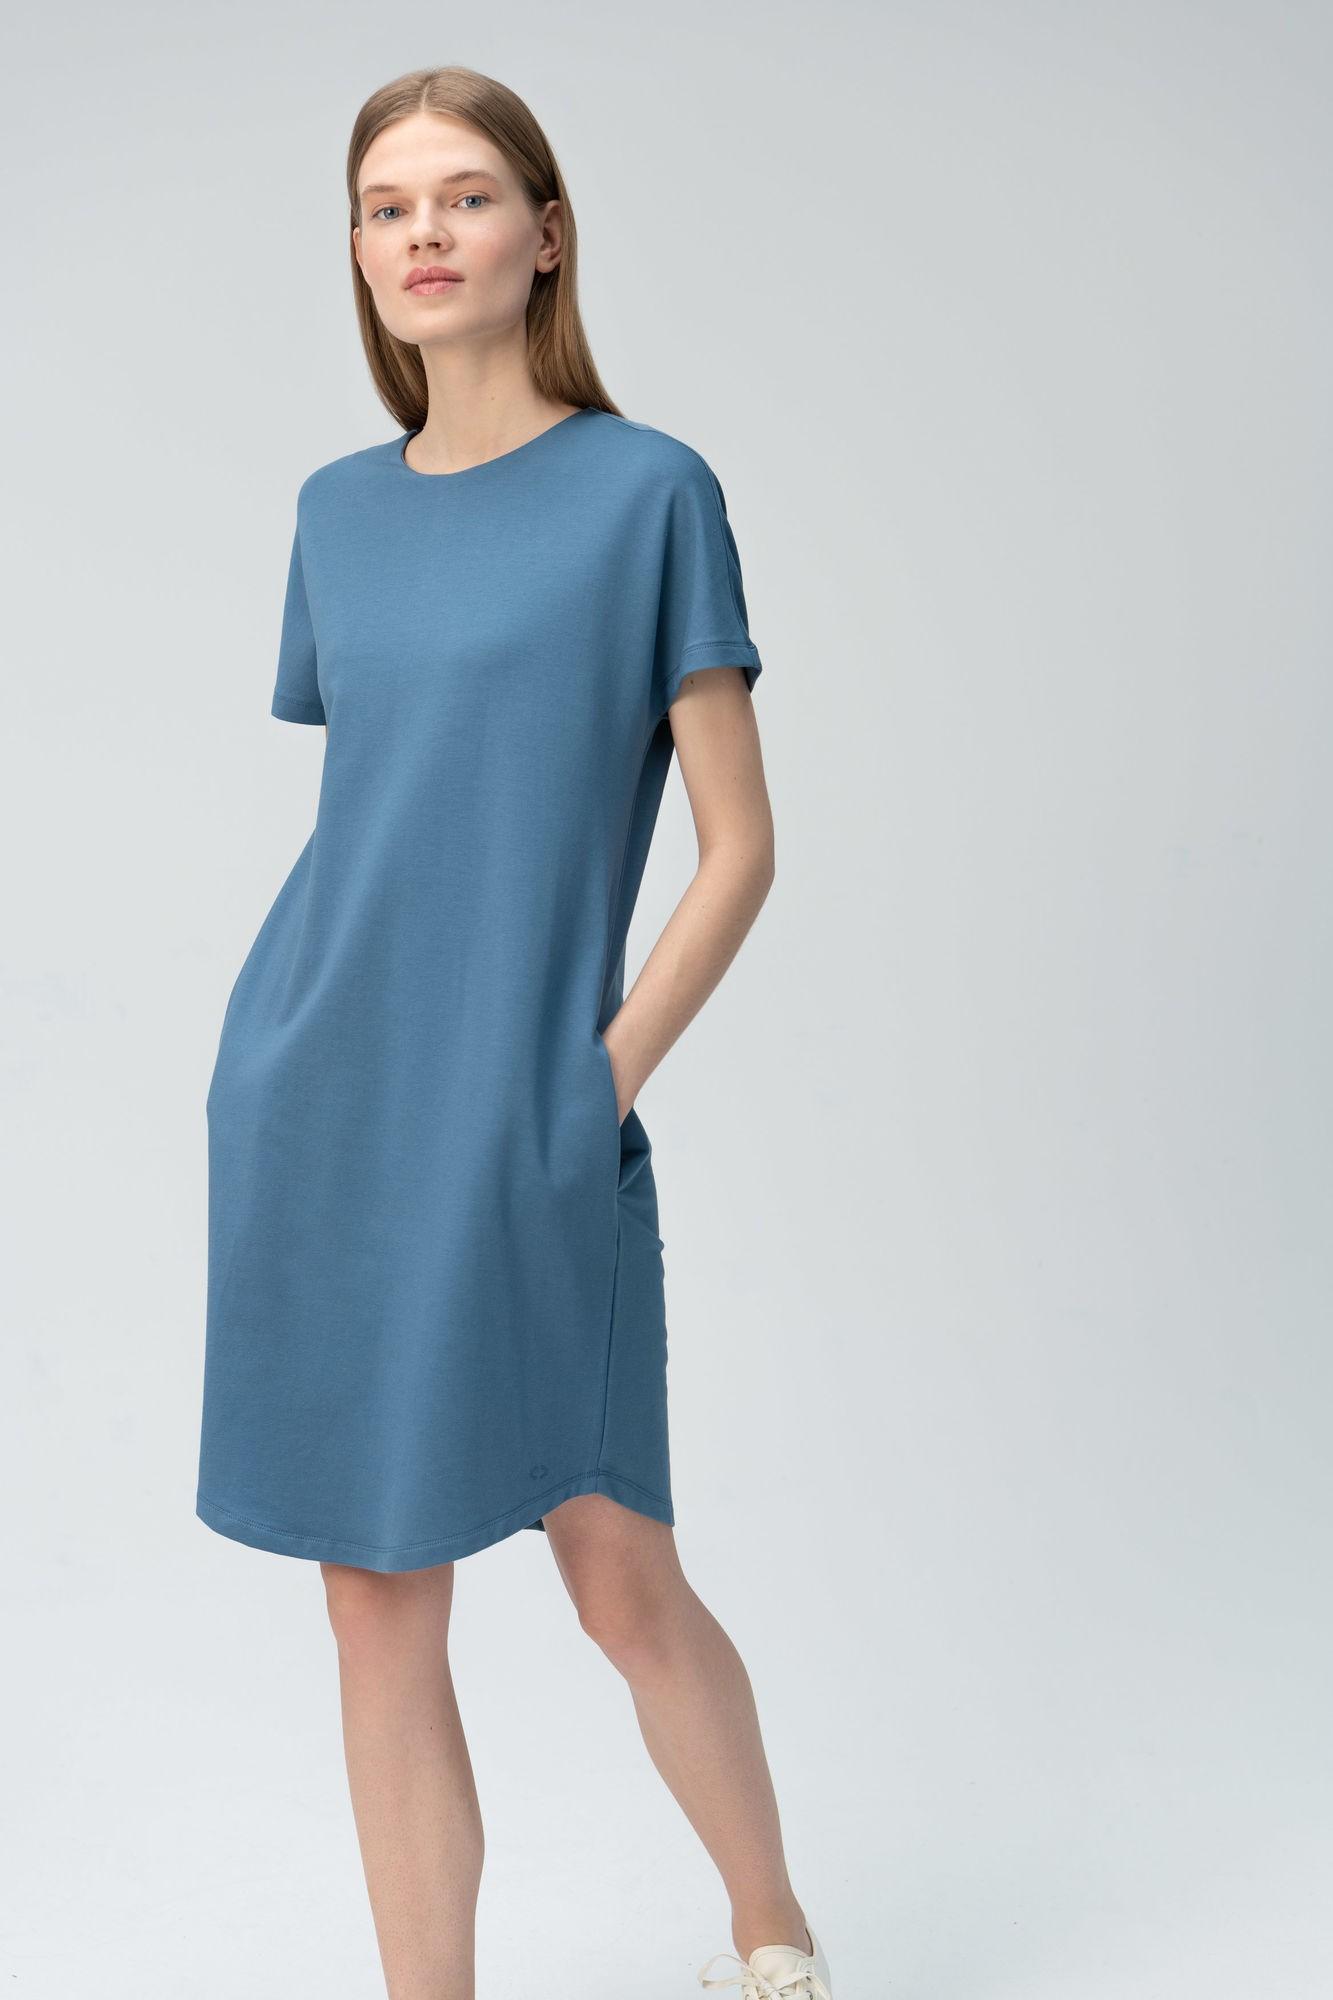 AUDIMAS Švelnaus modalo suknelė 2011-104 Blue Mirage S